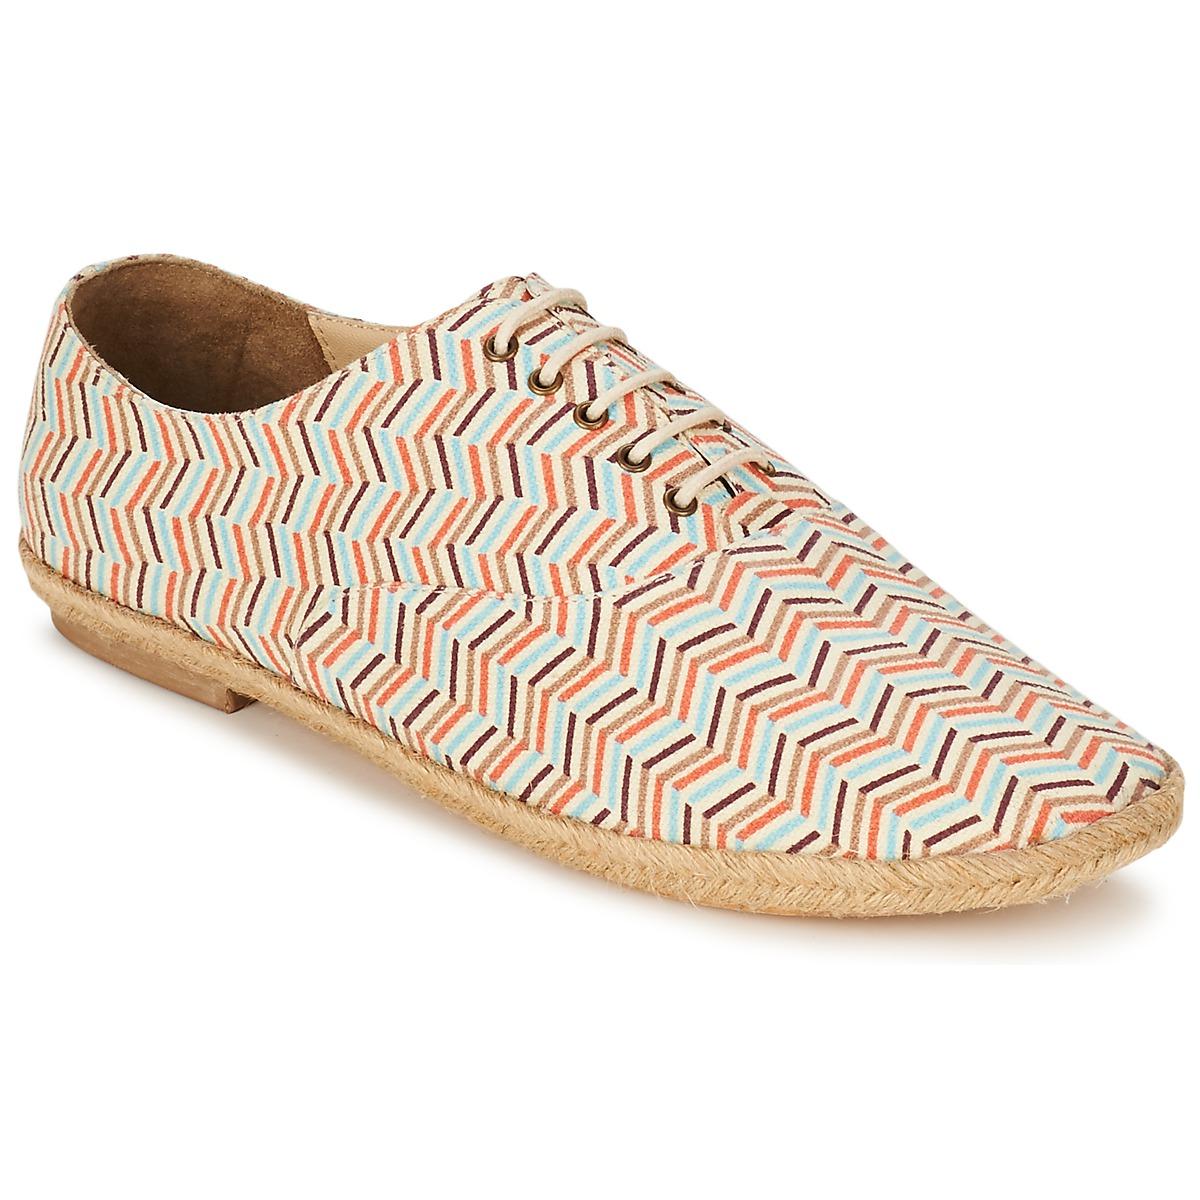 Petite Mendigote SIZERIN Multifarben - Kostenloser Versand bei Spartoode ! - Schuhe Richelieu Damen 37,50 €